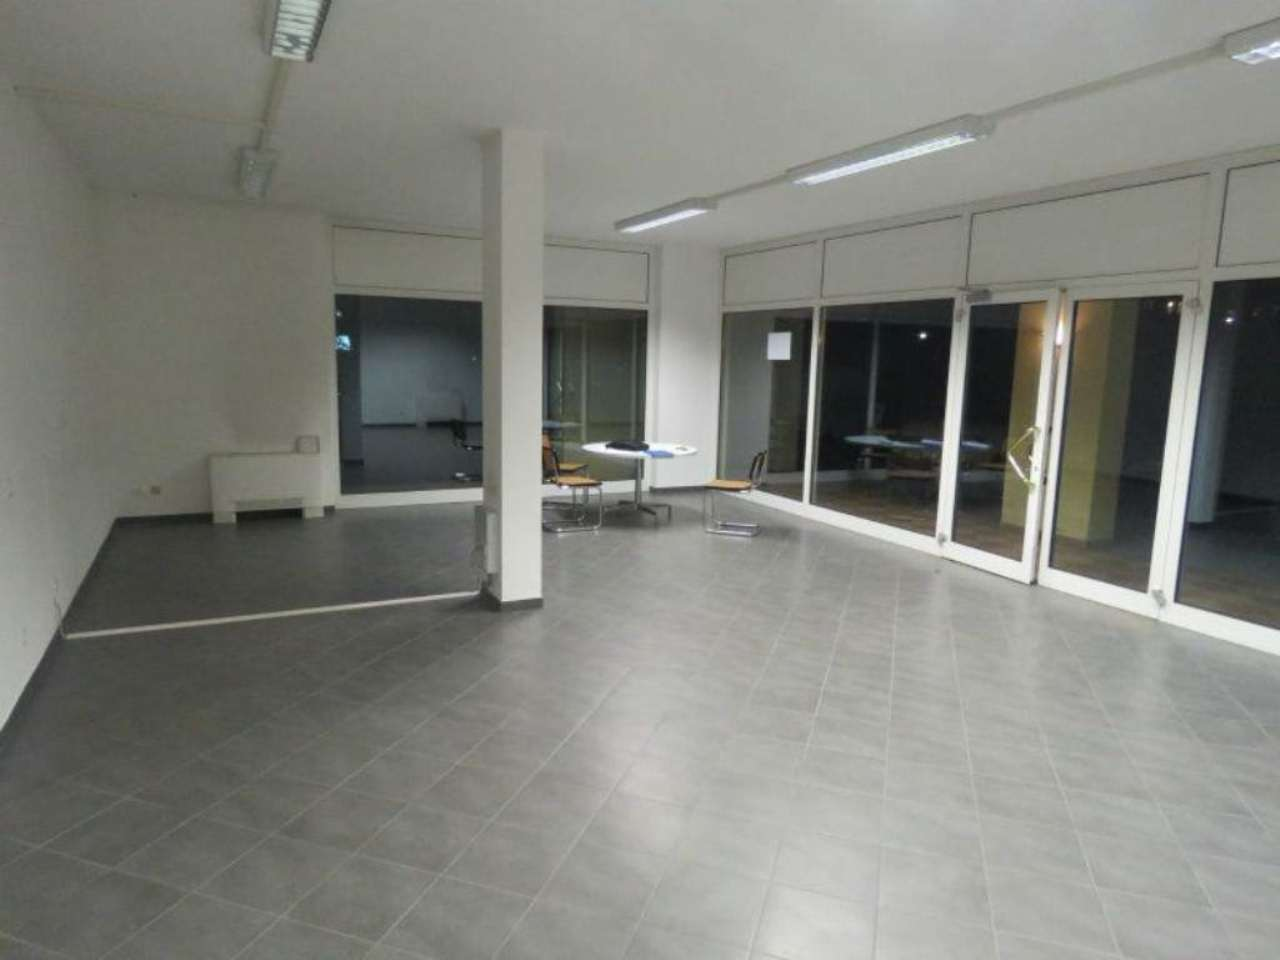 Negozio / Locale in vendita a Gargazzone, 1 locali, Trattative riservate | Cambio Casa.it